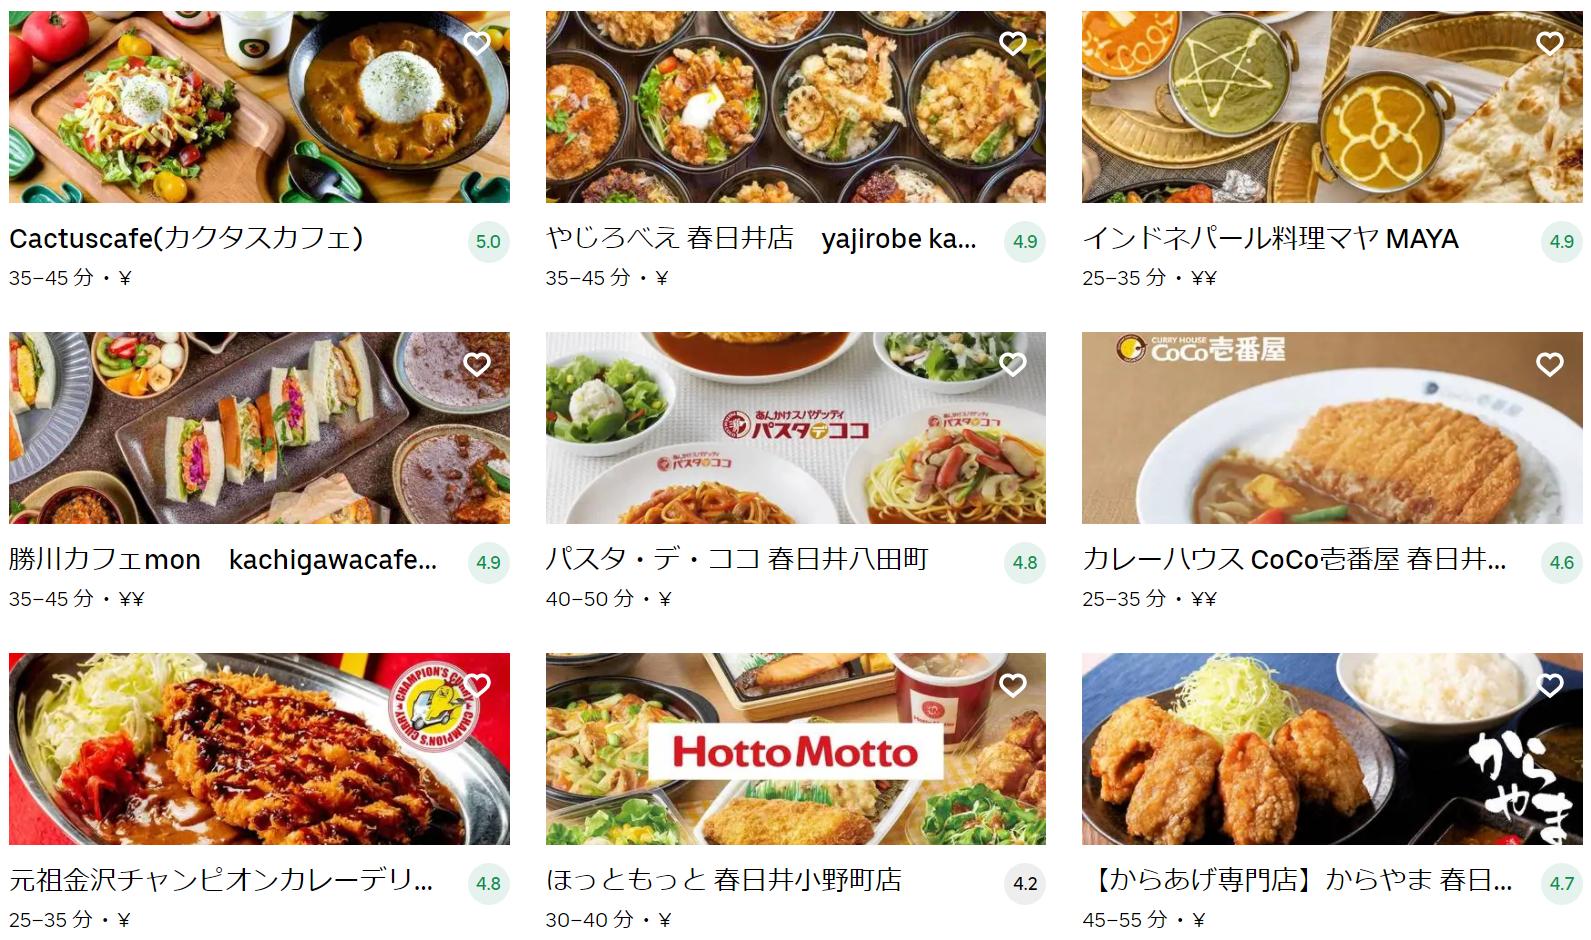 春日井市エリアのおすすめUber Eats(ウーバーイーツ)メニュー